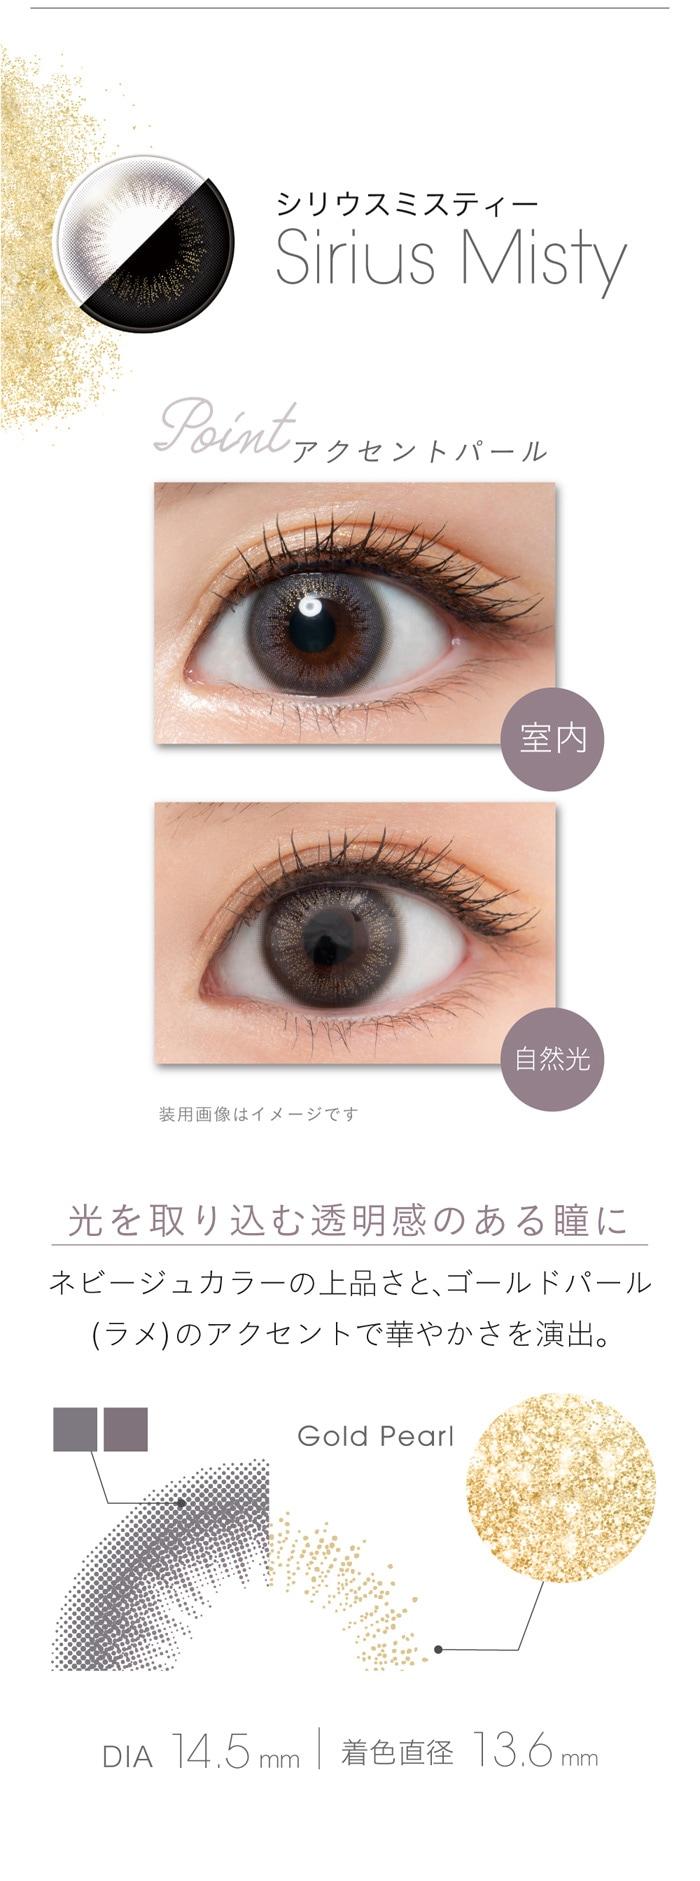 フェアリーワンデーシマーリング(10枚入):シリウスミスティー、光を取り込む透明感のある瞳に